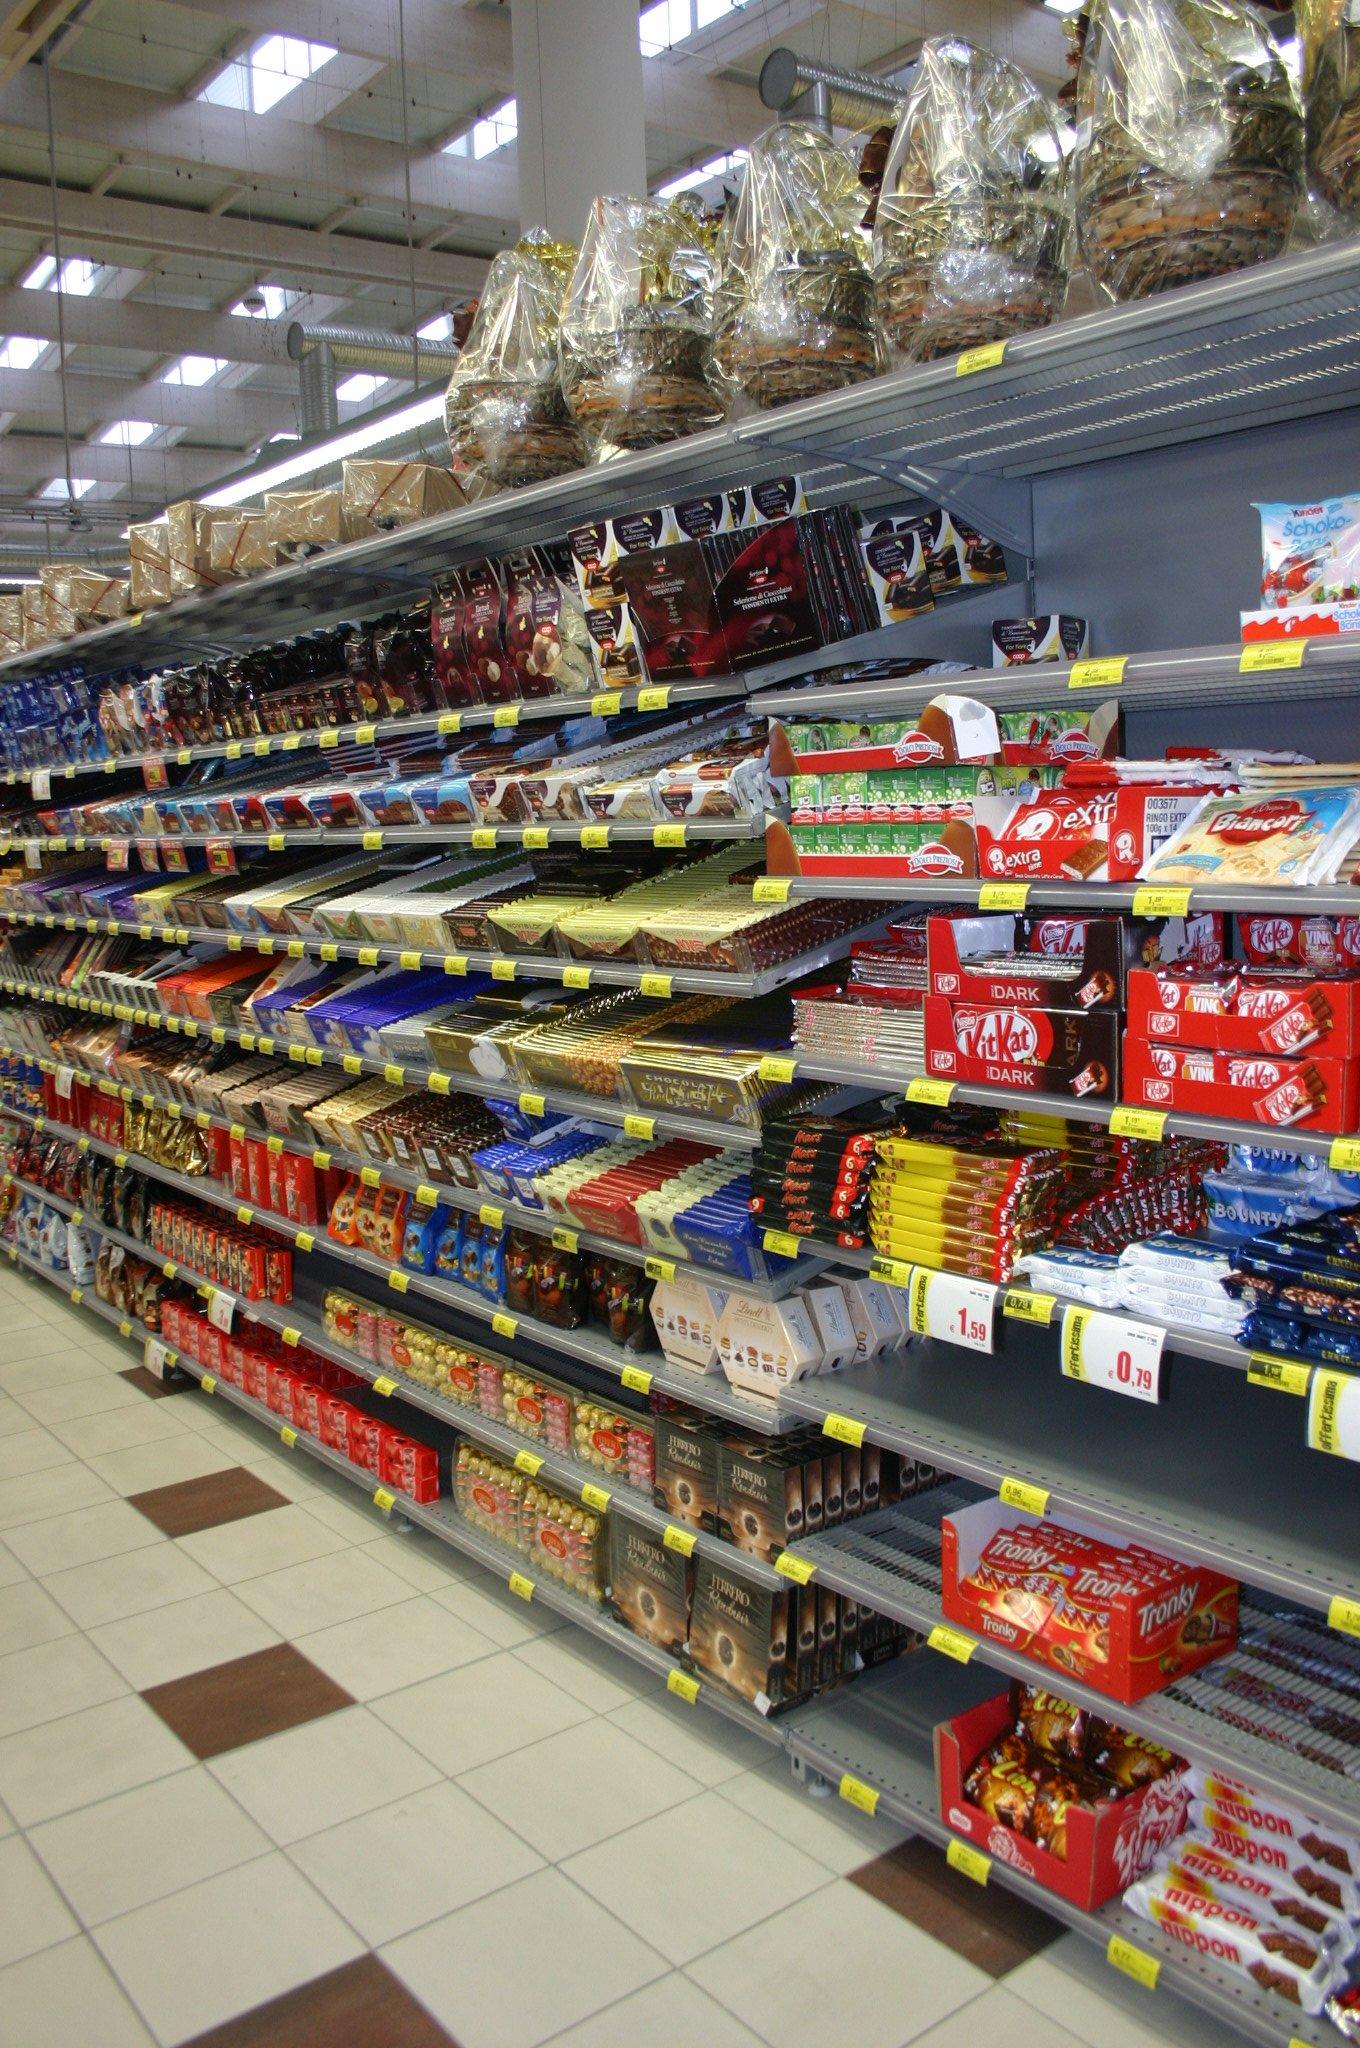 Image result for supermarket lebanon shelves beirut